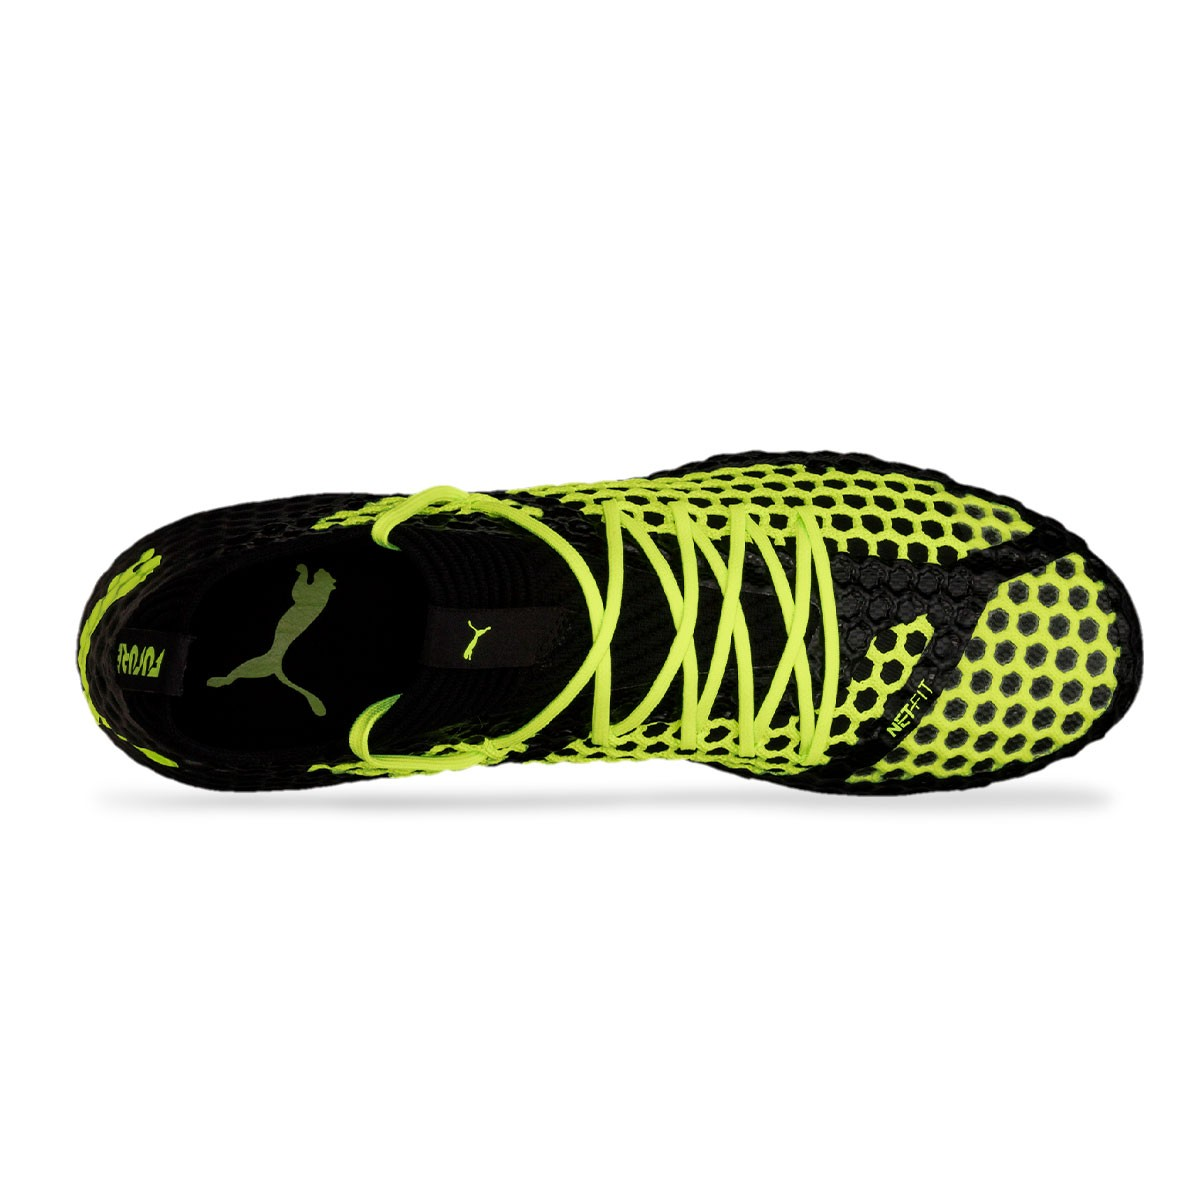 a36d5499b2c Boot Puma Future 18.1 Netfit Limited Edition FG Puma Black-Puma Black-Fizzy  Yellow - Soloporteros es ahora Fútbol Emotion